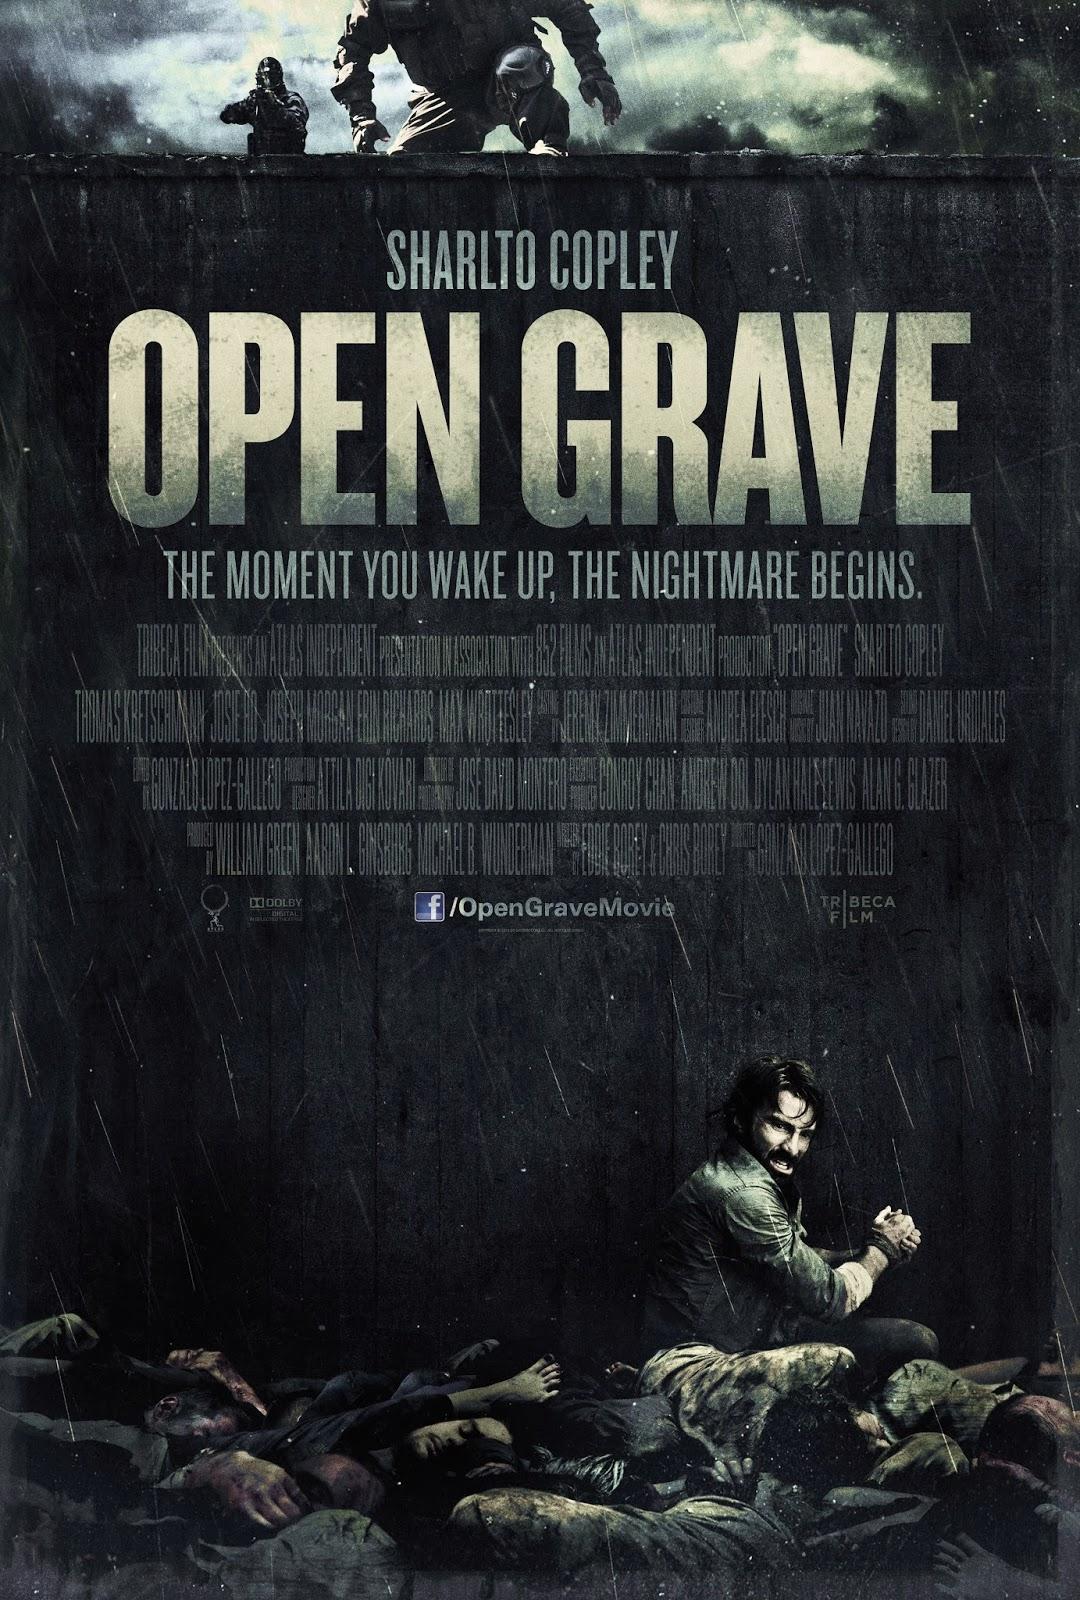 http://3.bp.blogspot.com/-EpYTNbZpaQY/UnR6d0MK3KI/AAAAAAAAarM/MBda5NZ3NbI/s1600/open-grave-poster1.jpg